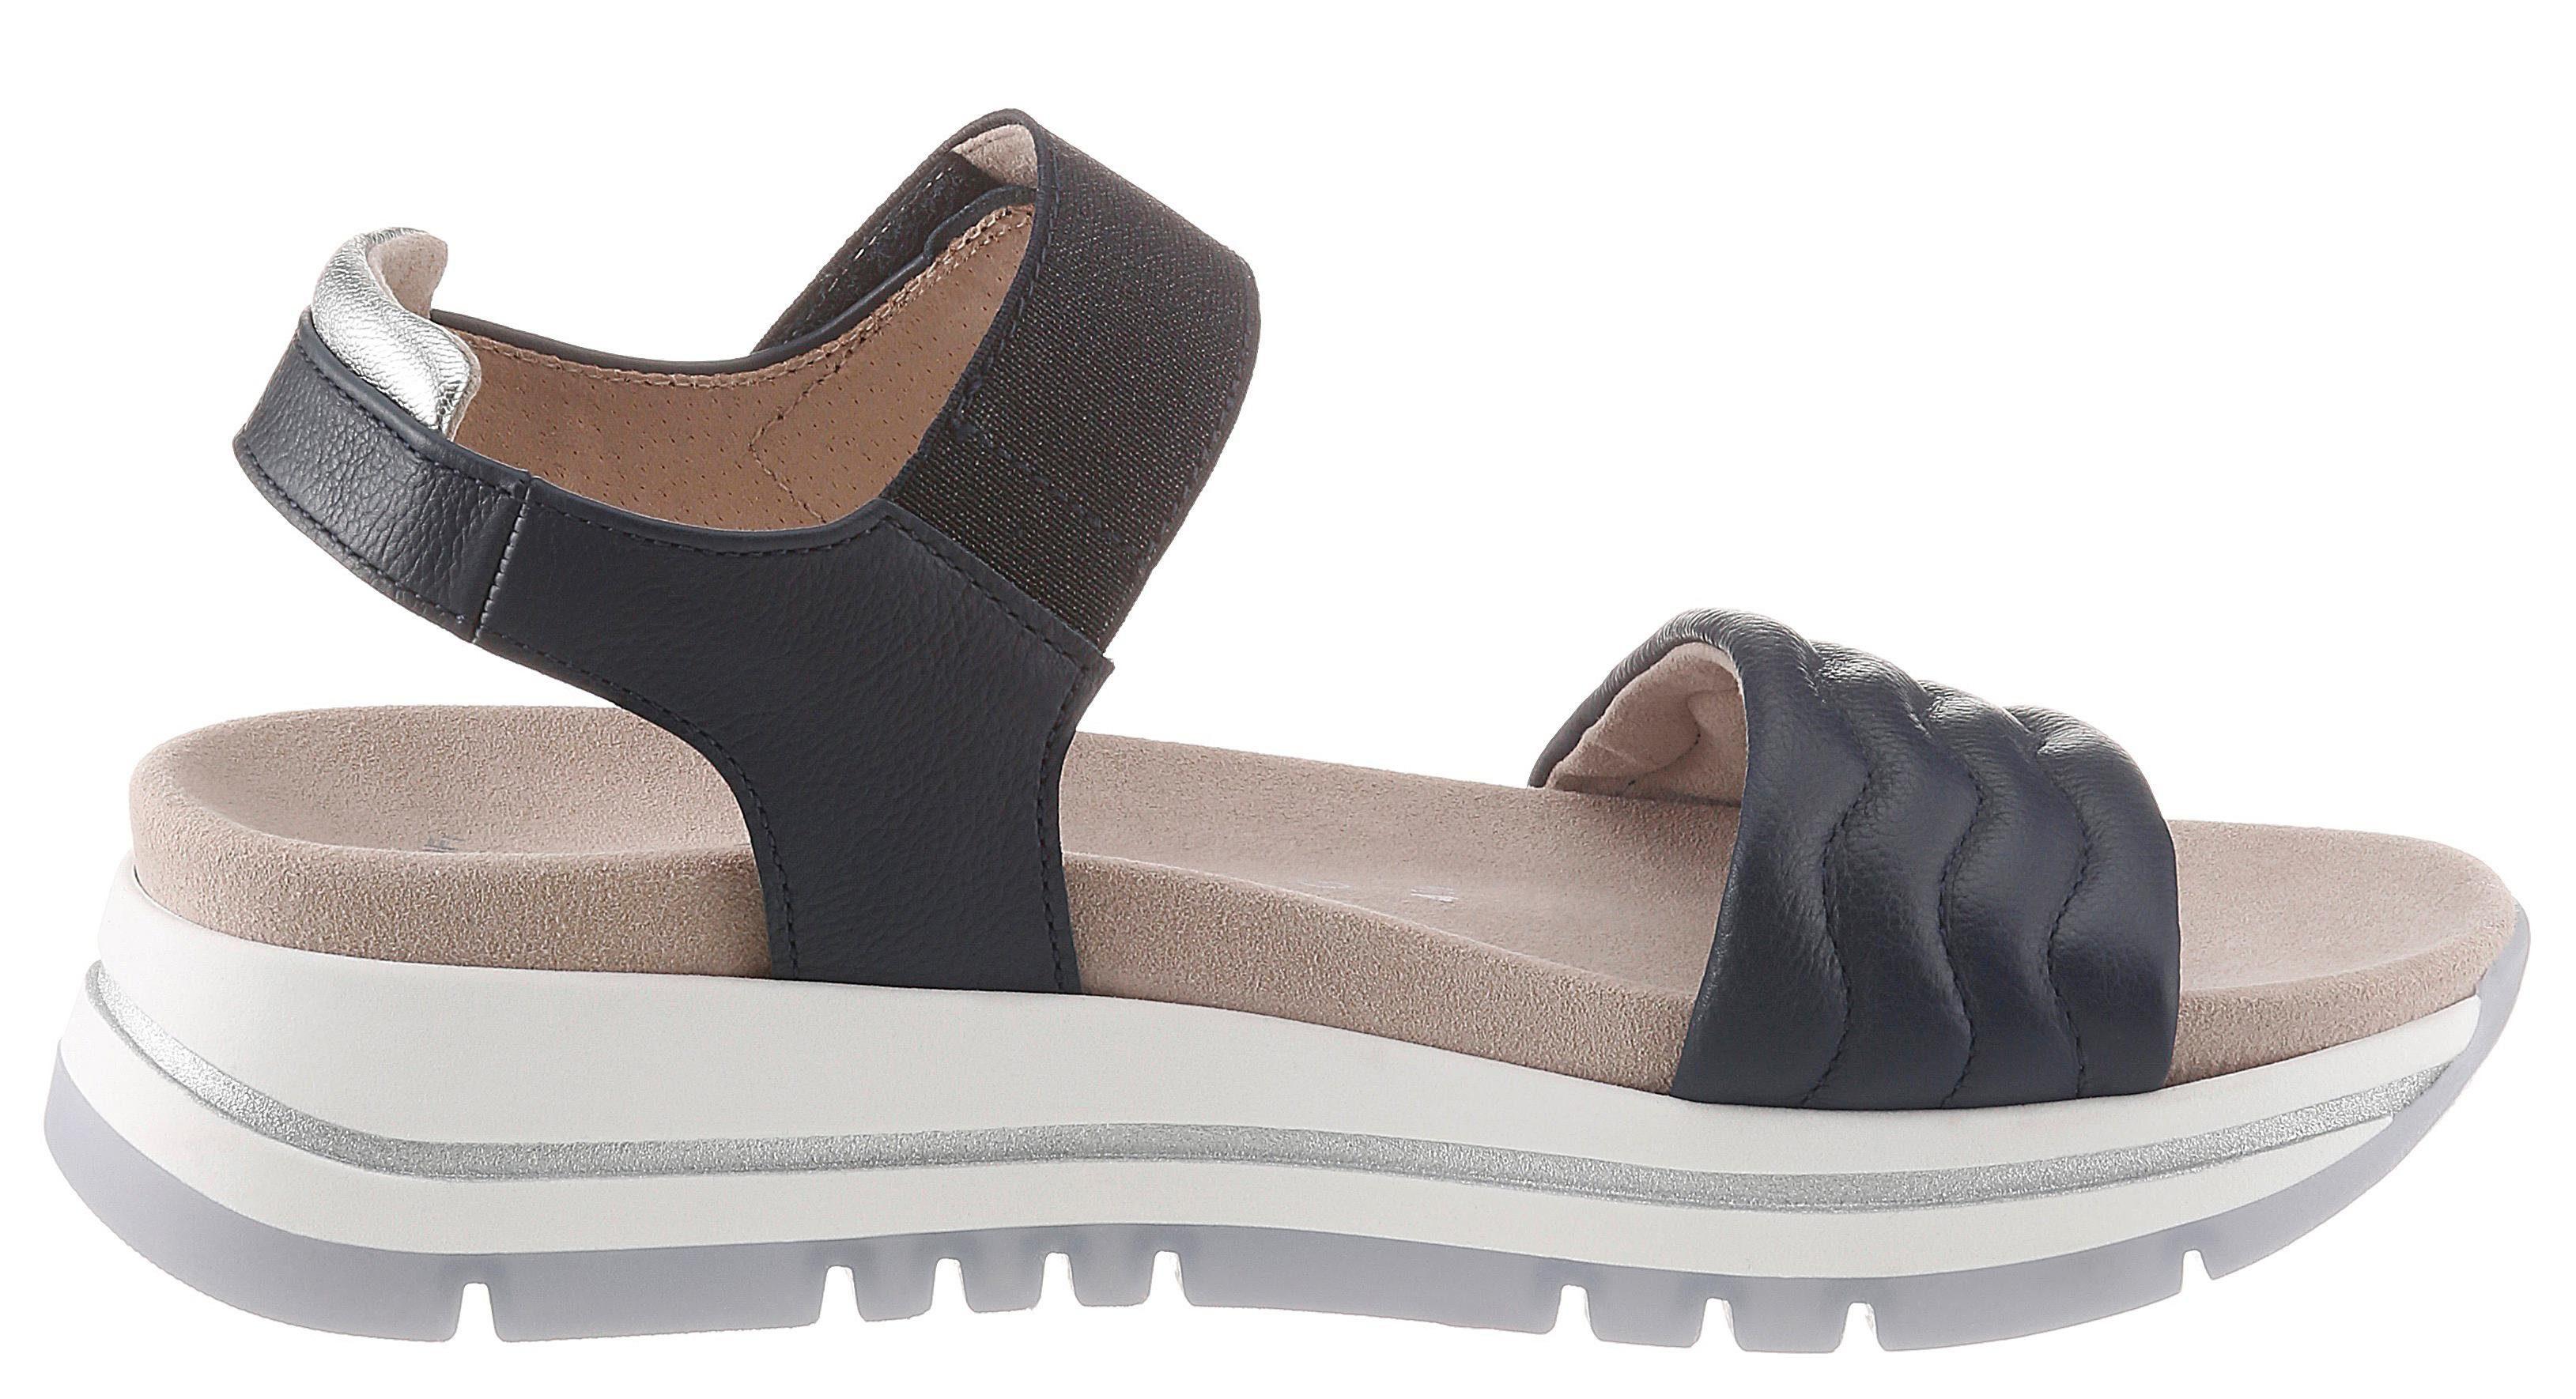 Koop RIEKER Rieker sandaaltjes donkerblauw in de heine online shop